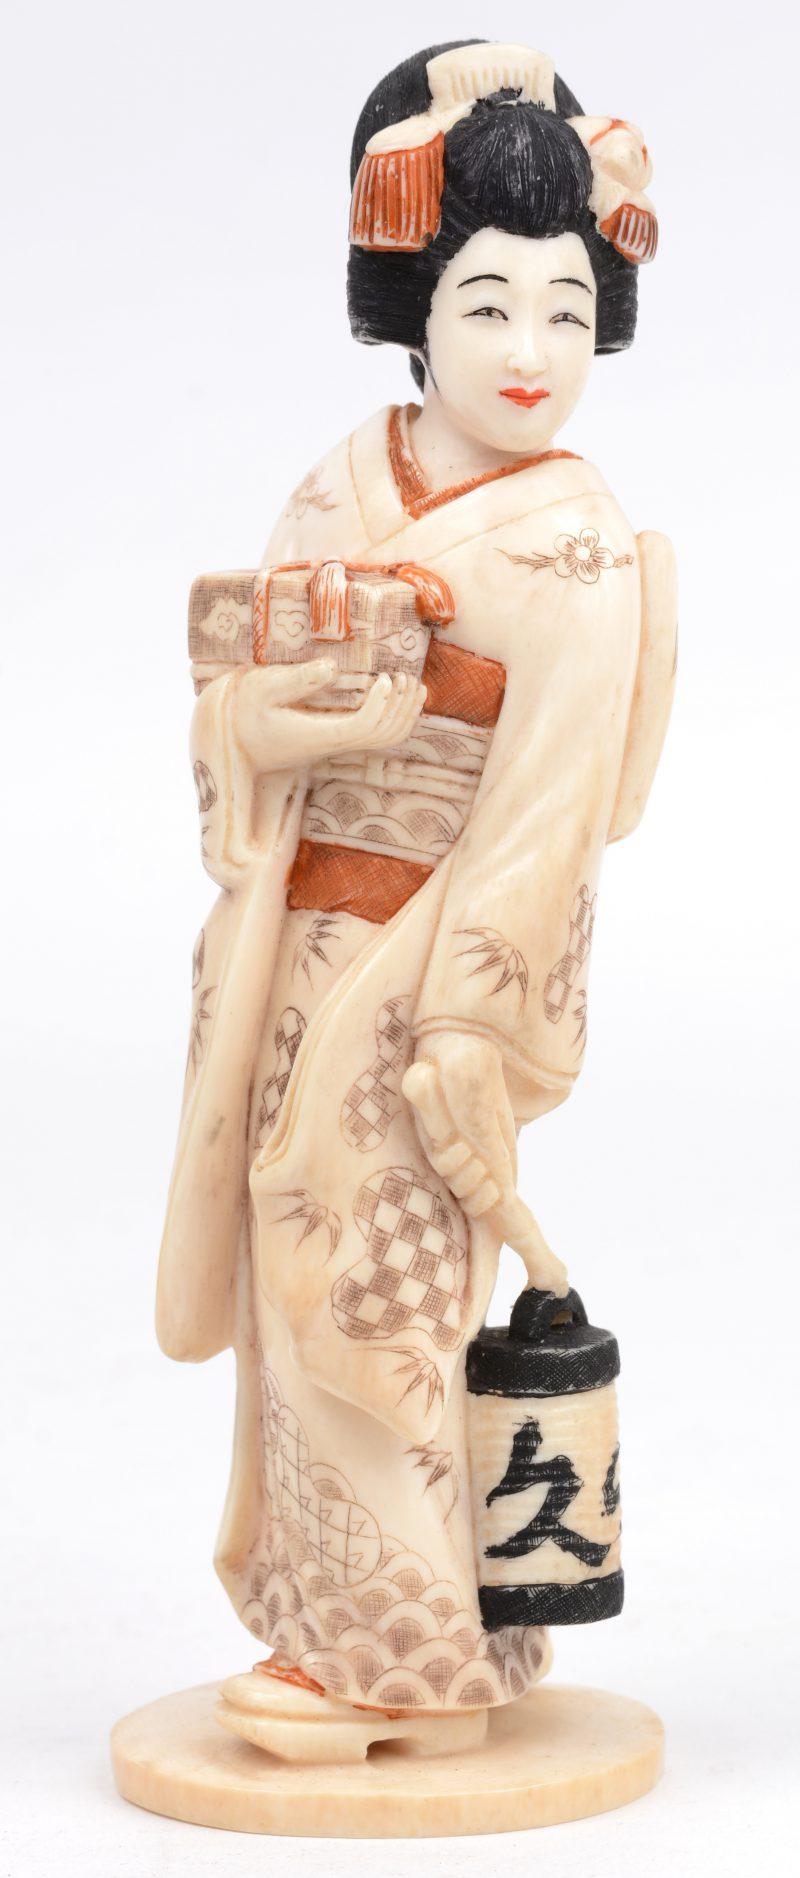 Een geisha van gesculpteerd en deels gepolychromeerd ivoor. Onderaan gesigneerd.